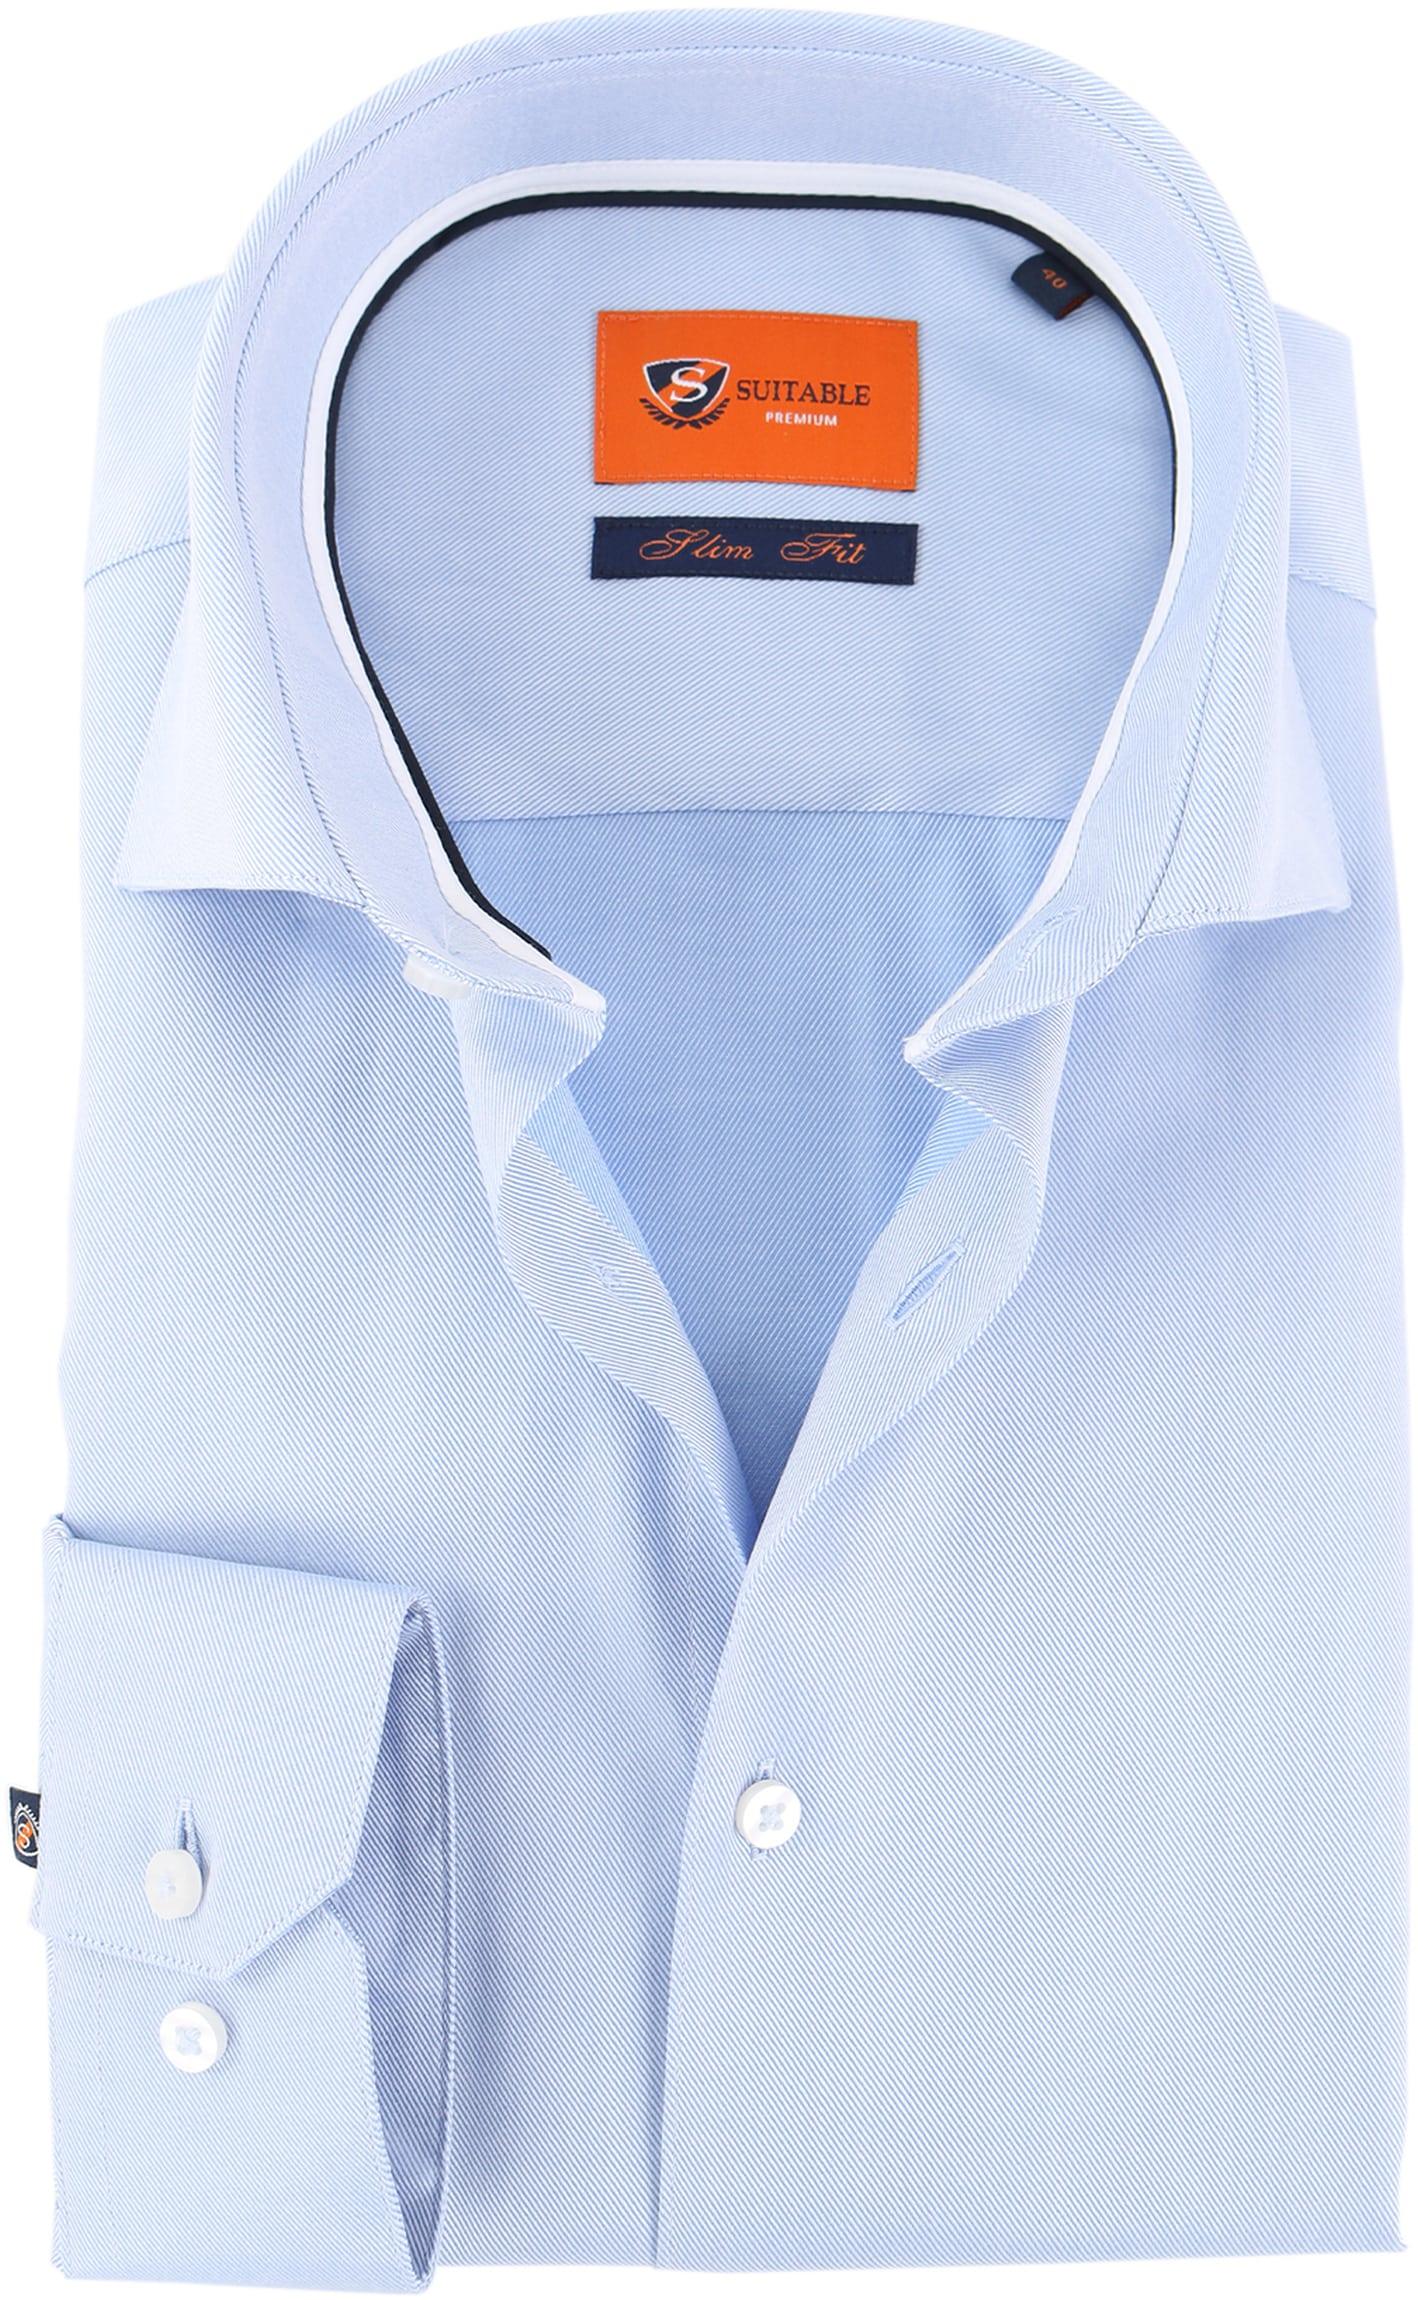 Suitable Shirt Blue DR-04 foto 0